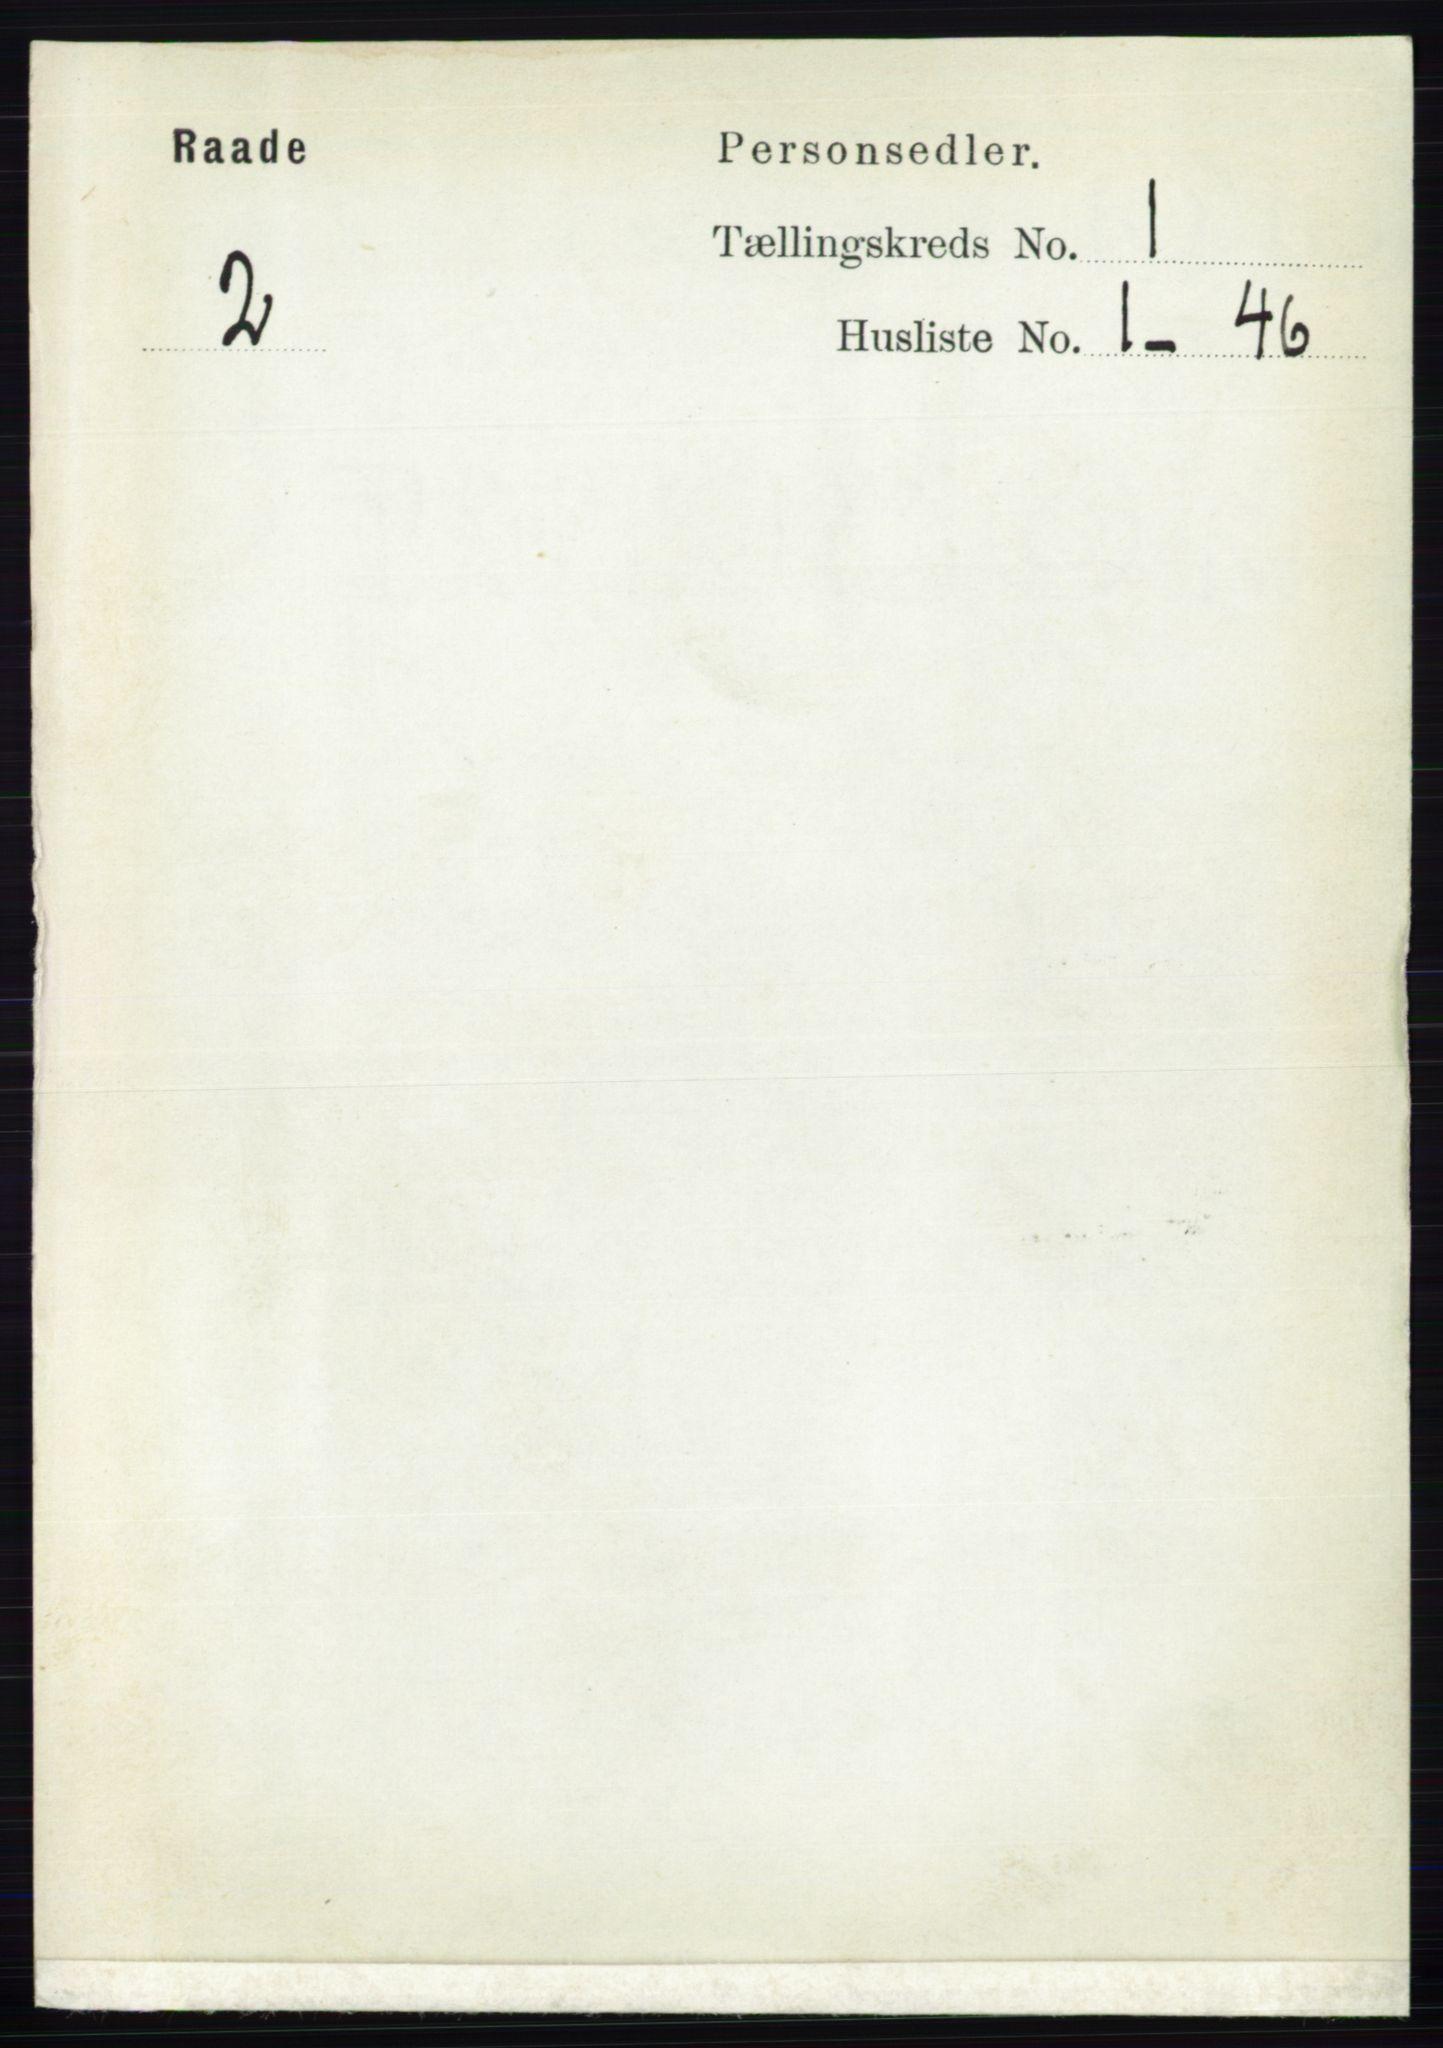 RA, Folketelling 1891 for 0135 Råde herred, 1891, s. 98